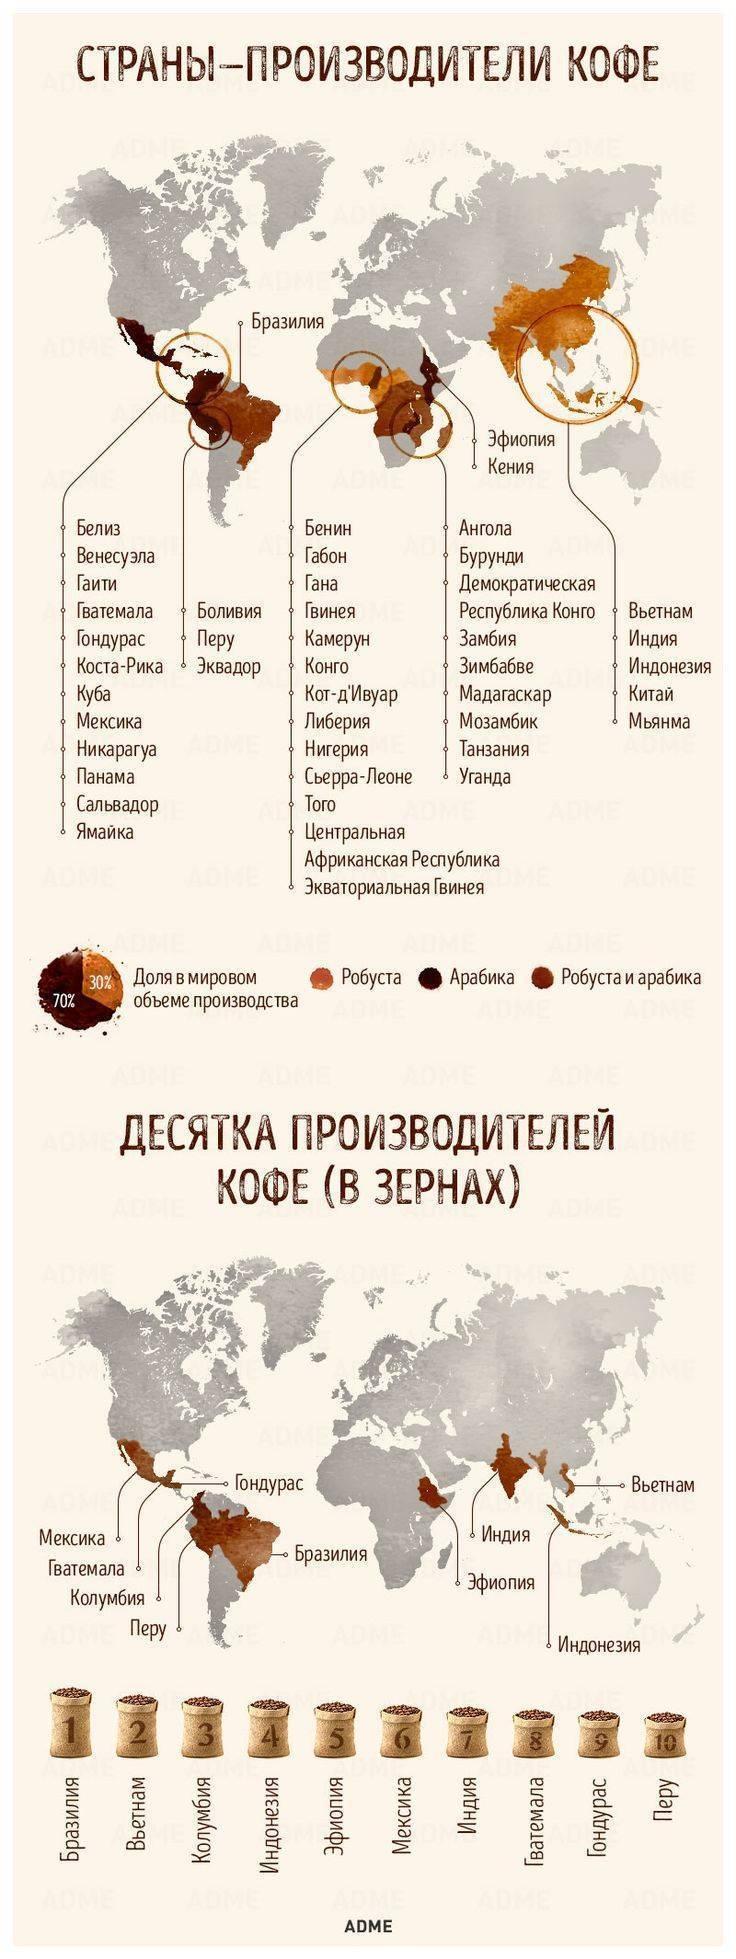 Кофе в зернах: виды кофейных деревьев, рейтинг стран-производителей и известных брендов